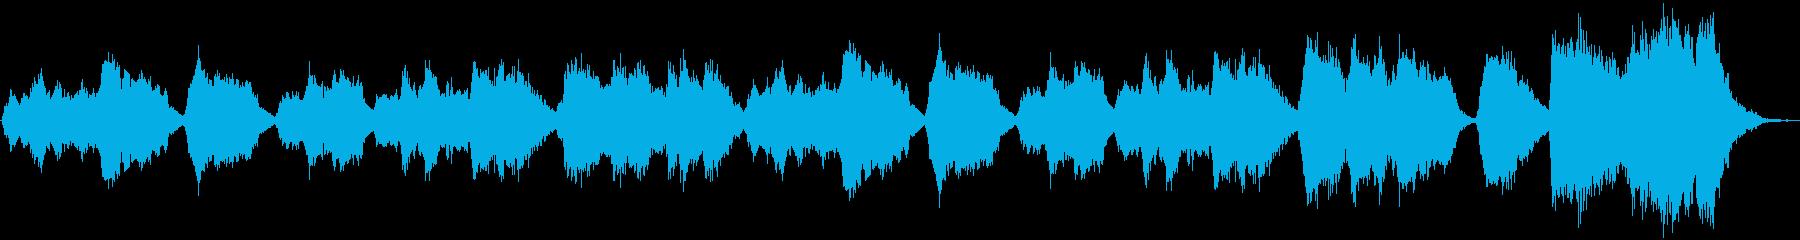 弦楽中心の荘厳なクラシックの再生済みの波形